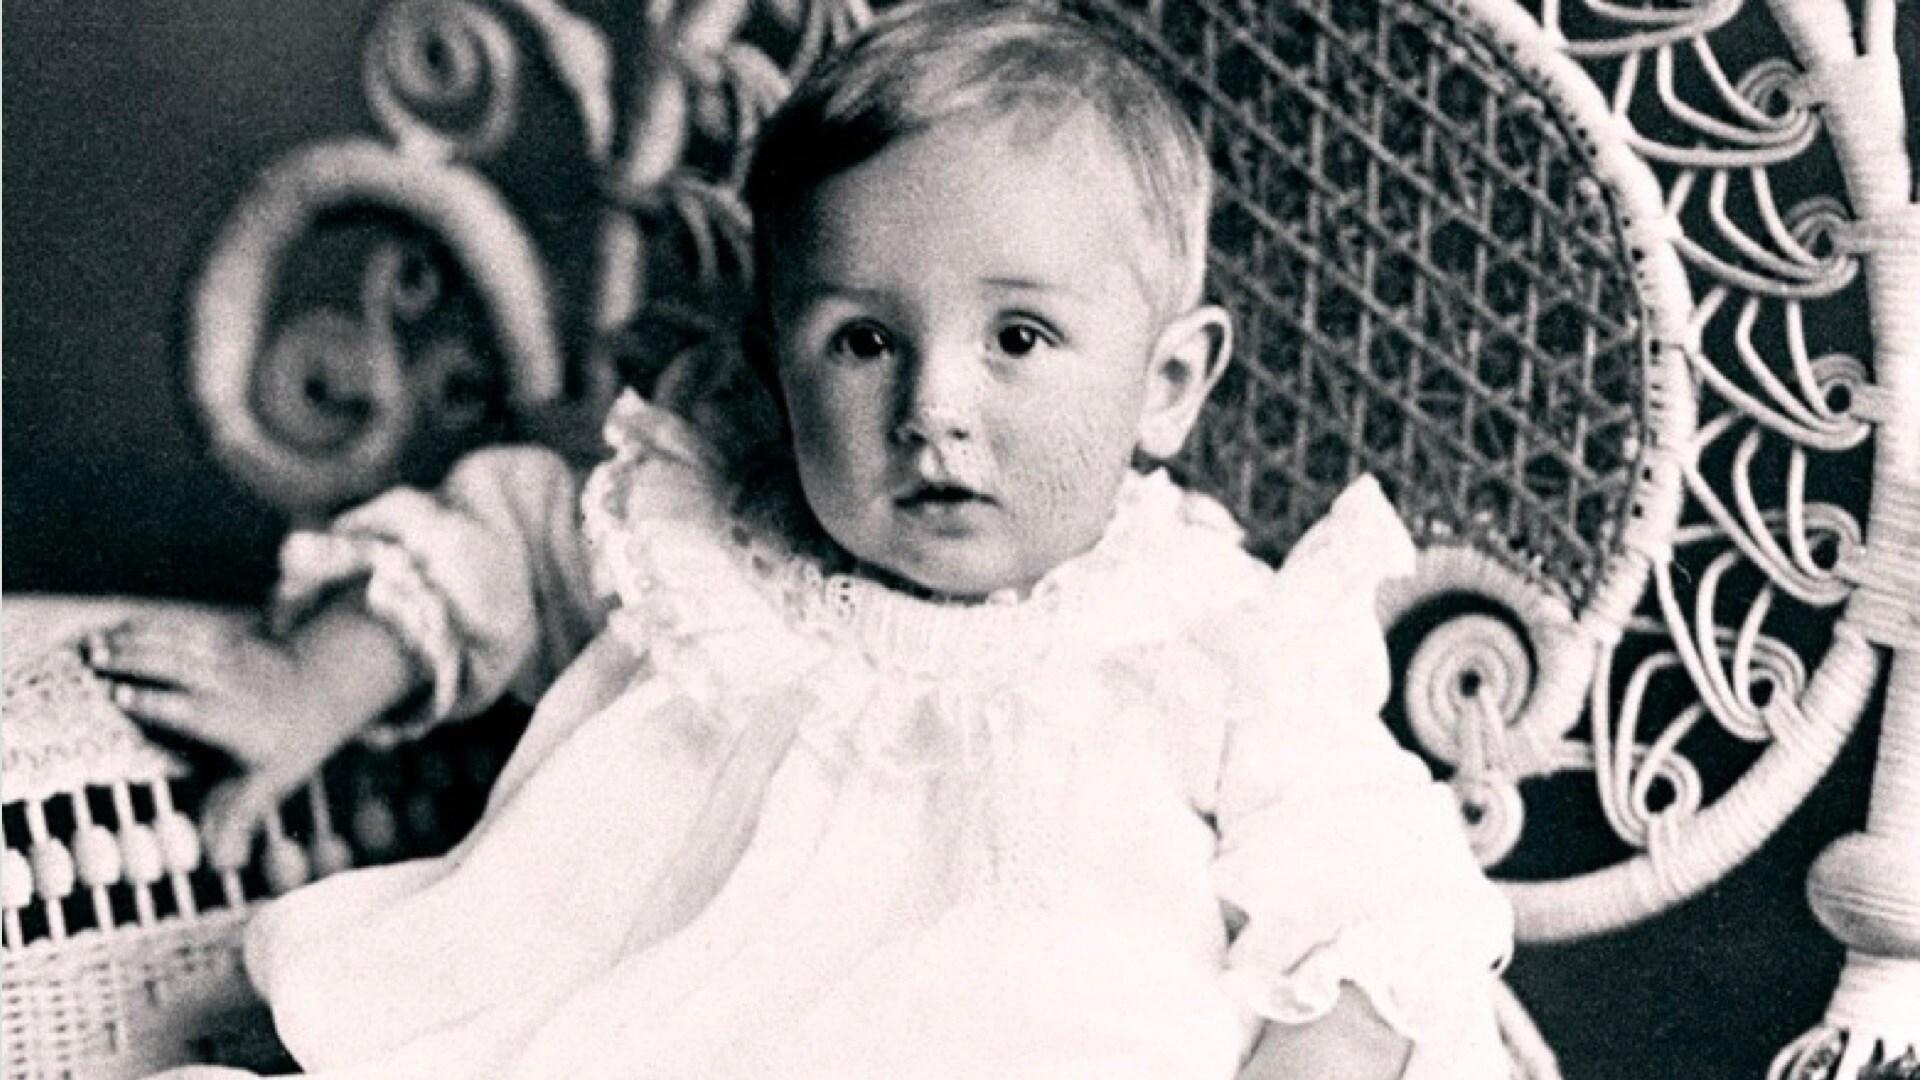 Naissance de Walt Disney, 8 ans après son frère Roy qui sera plus tard son associé